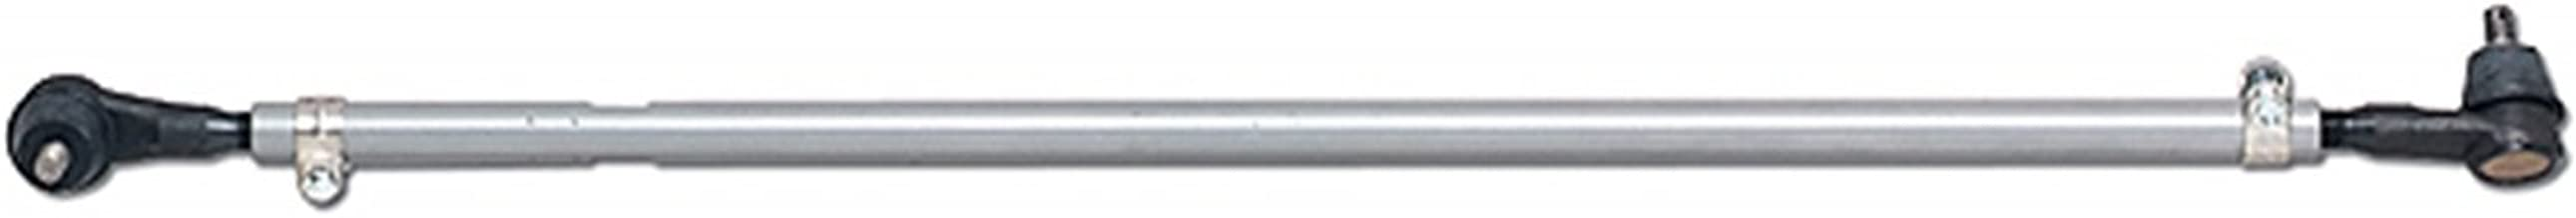 Rubicon Express RE2600 Chromoly Tie Rod for Jeep XJ/ZJ/TJ